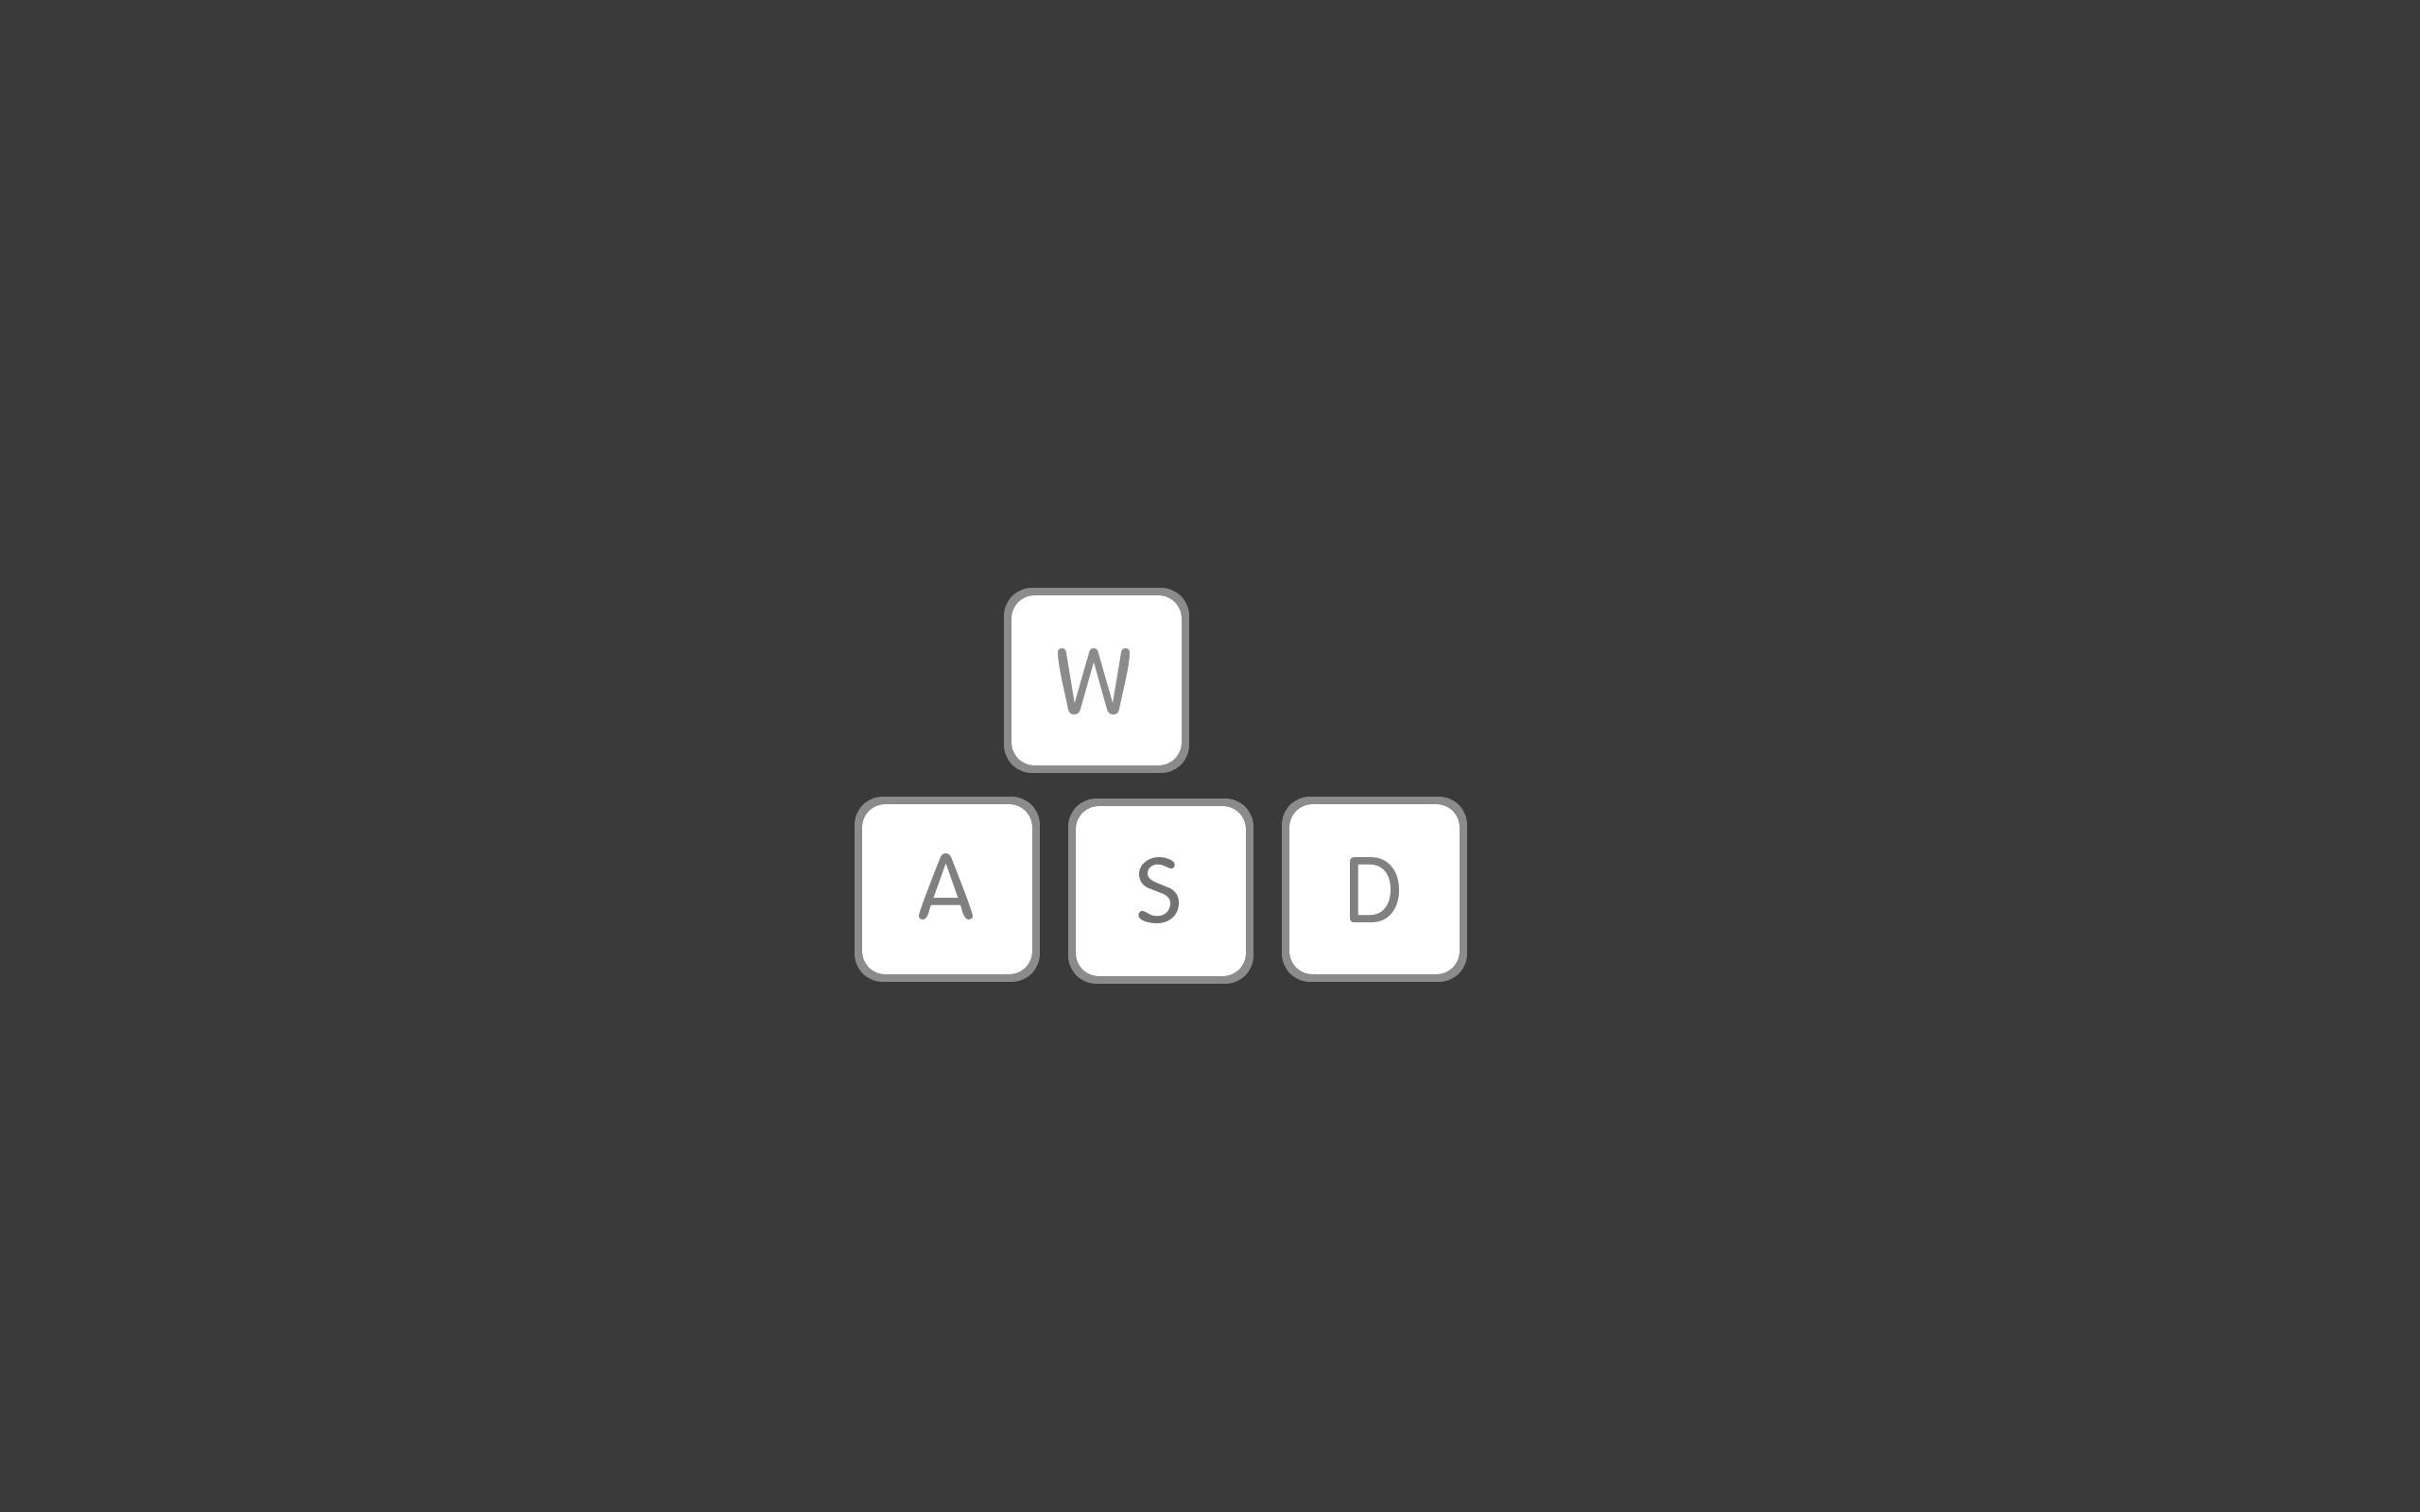 Minimalist Wallpaper Video Game Video games minimalistic mac